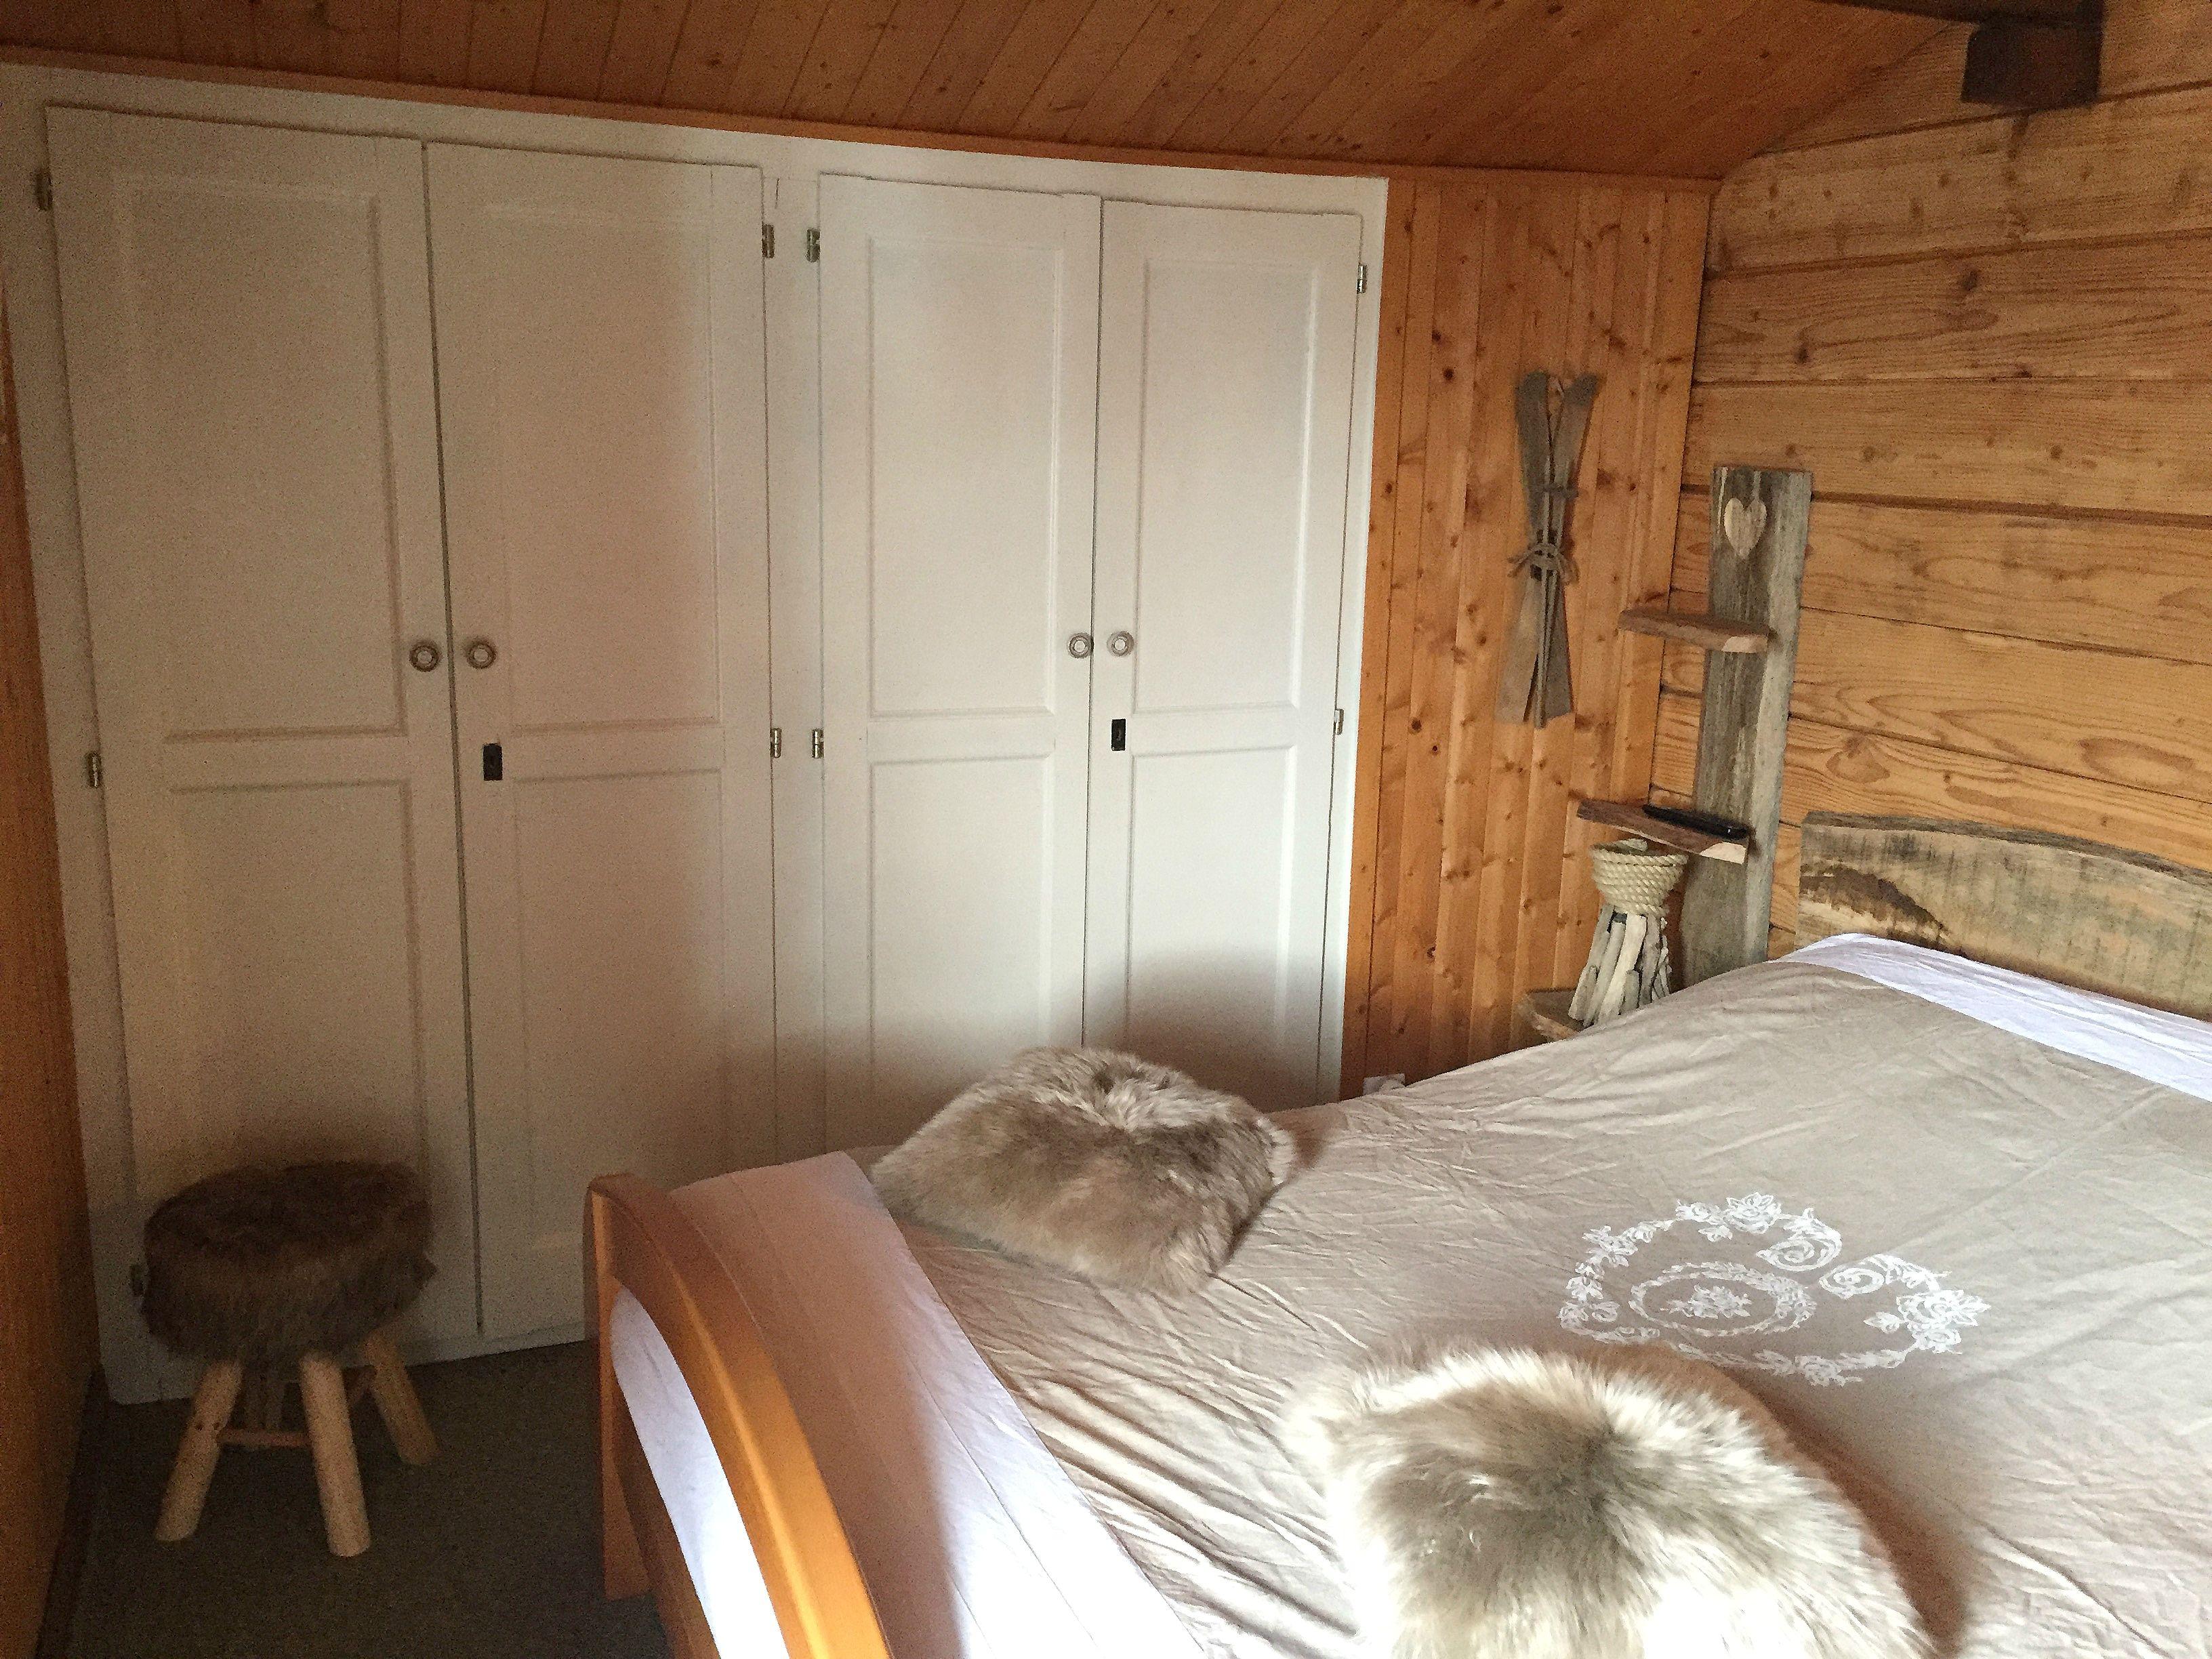 Chambre Le Refuge Avec Balcon Et Vue Sur Le Lac L Man Tv  # Meuble A Ecran Plat Dans Une Chambre